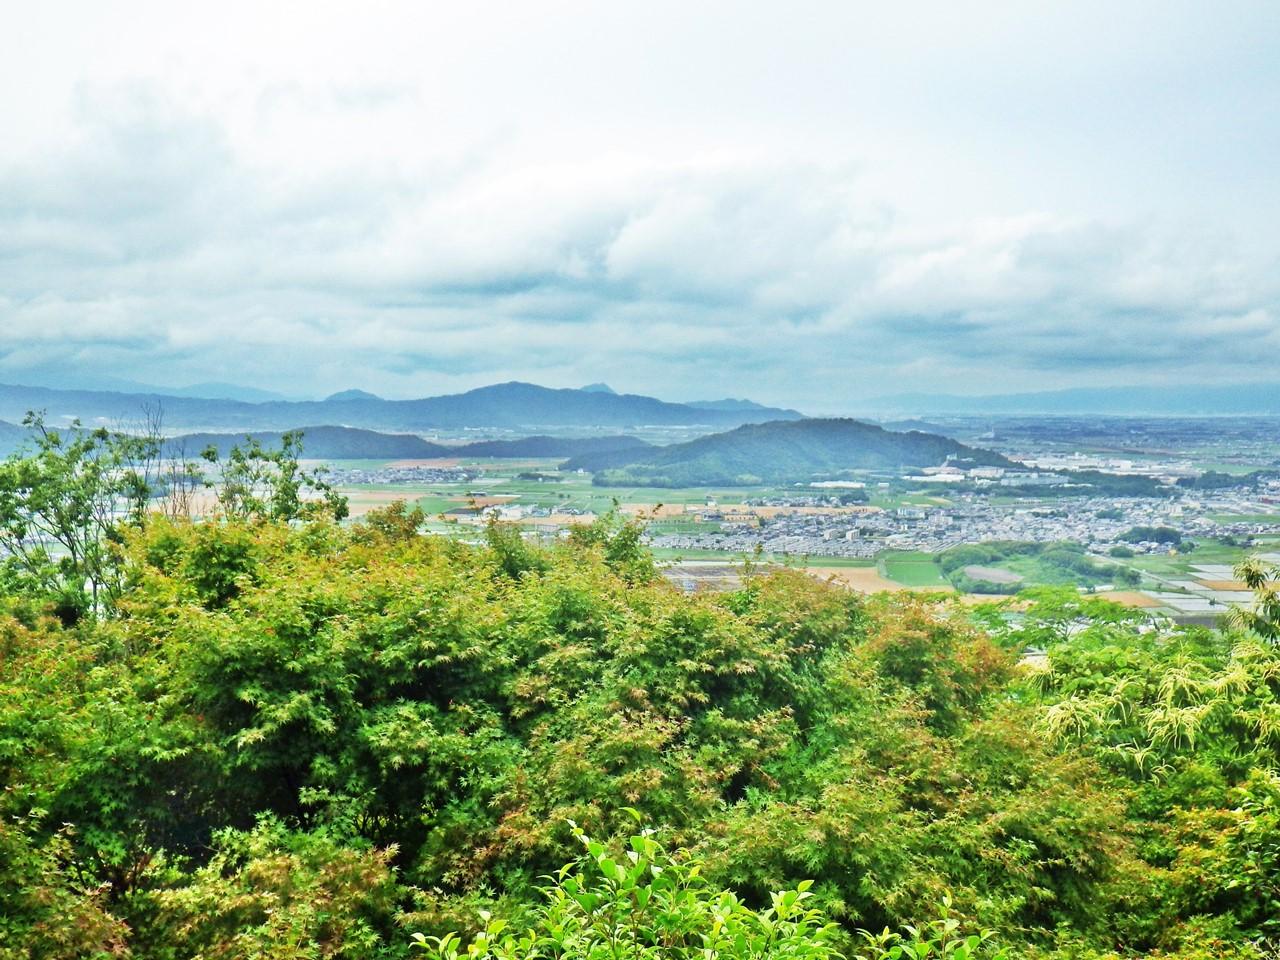 09a 岩戸山展望台の眺め